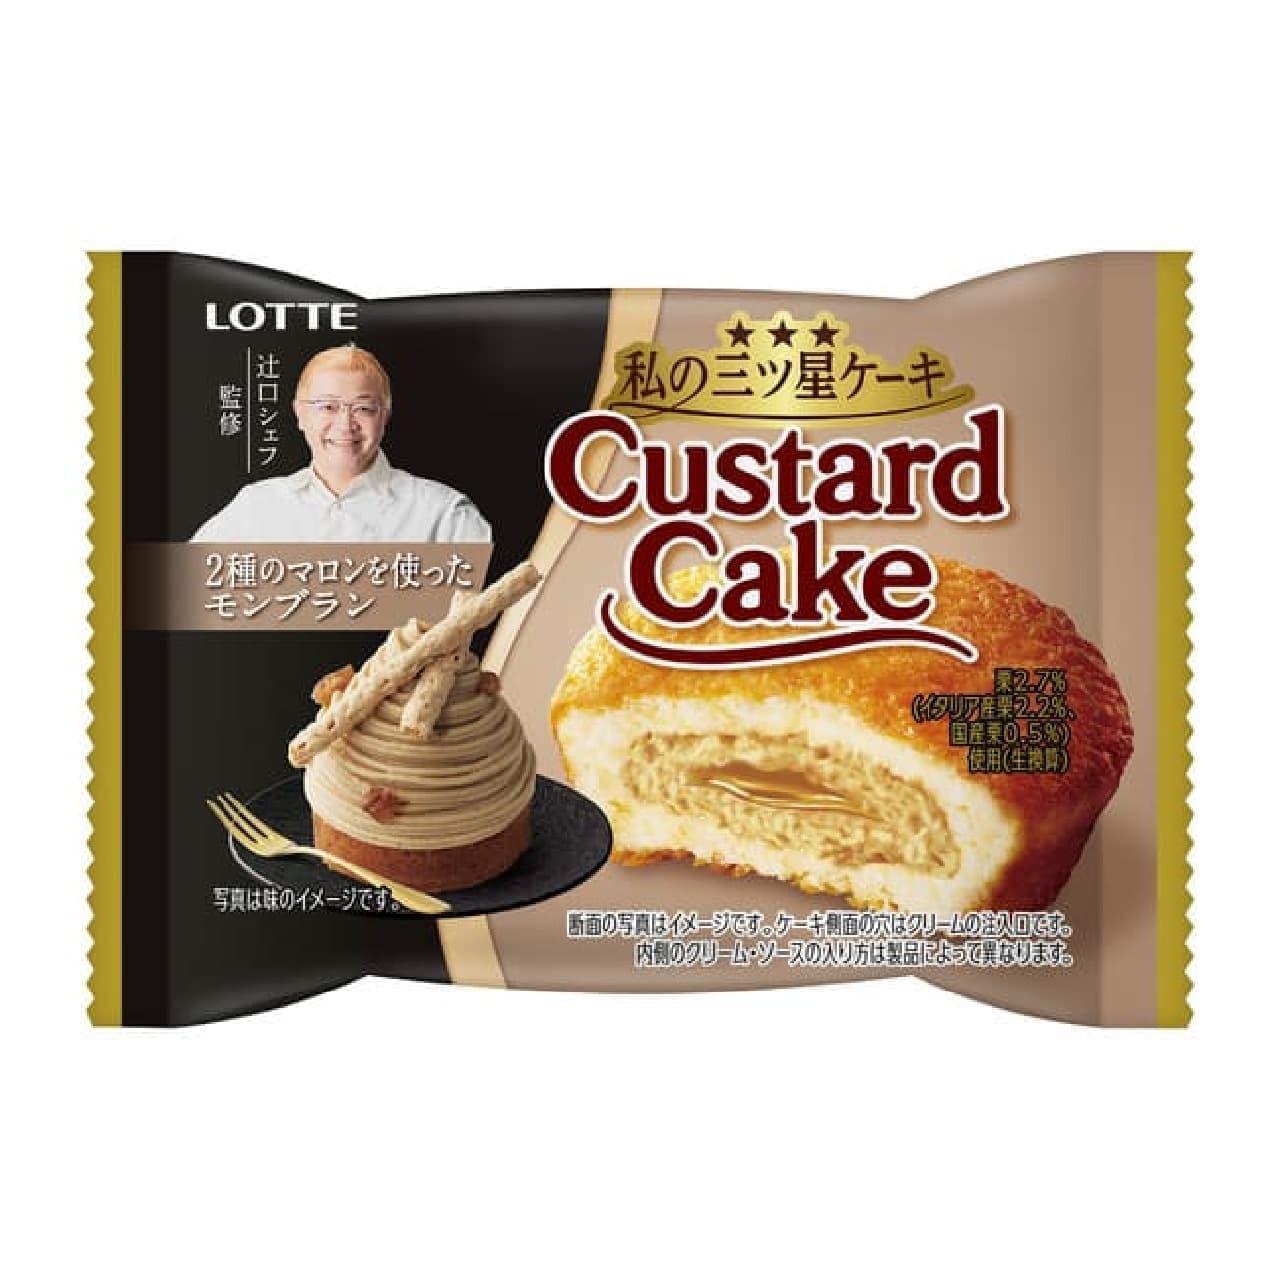 カスタードケーキ<2種のマロンを使ったモンブラン>個売り